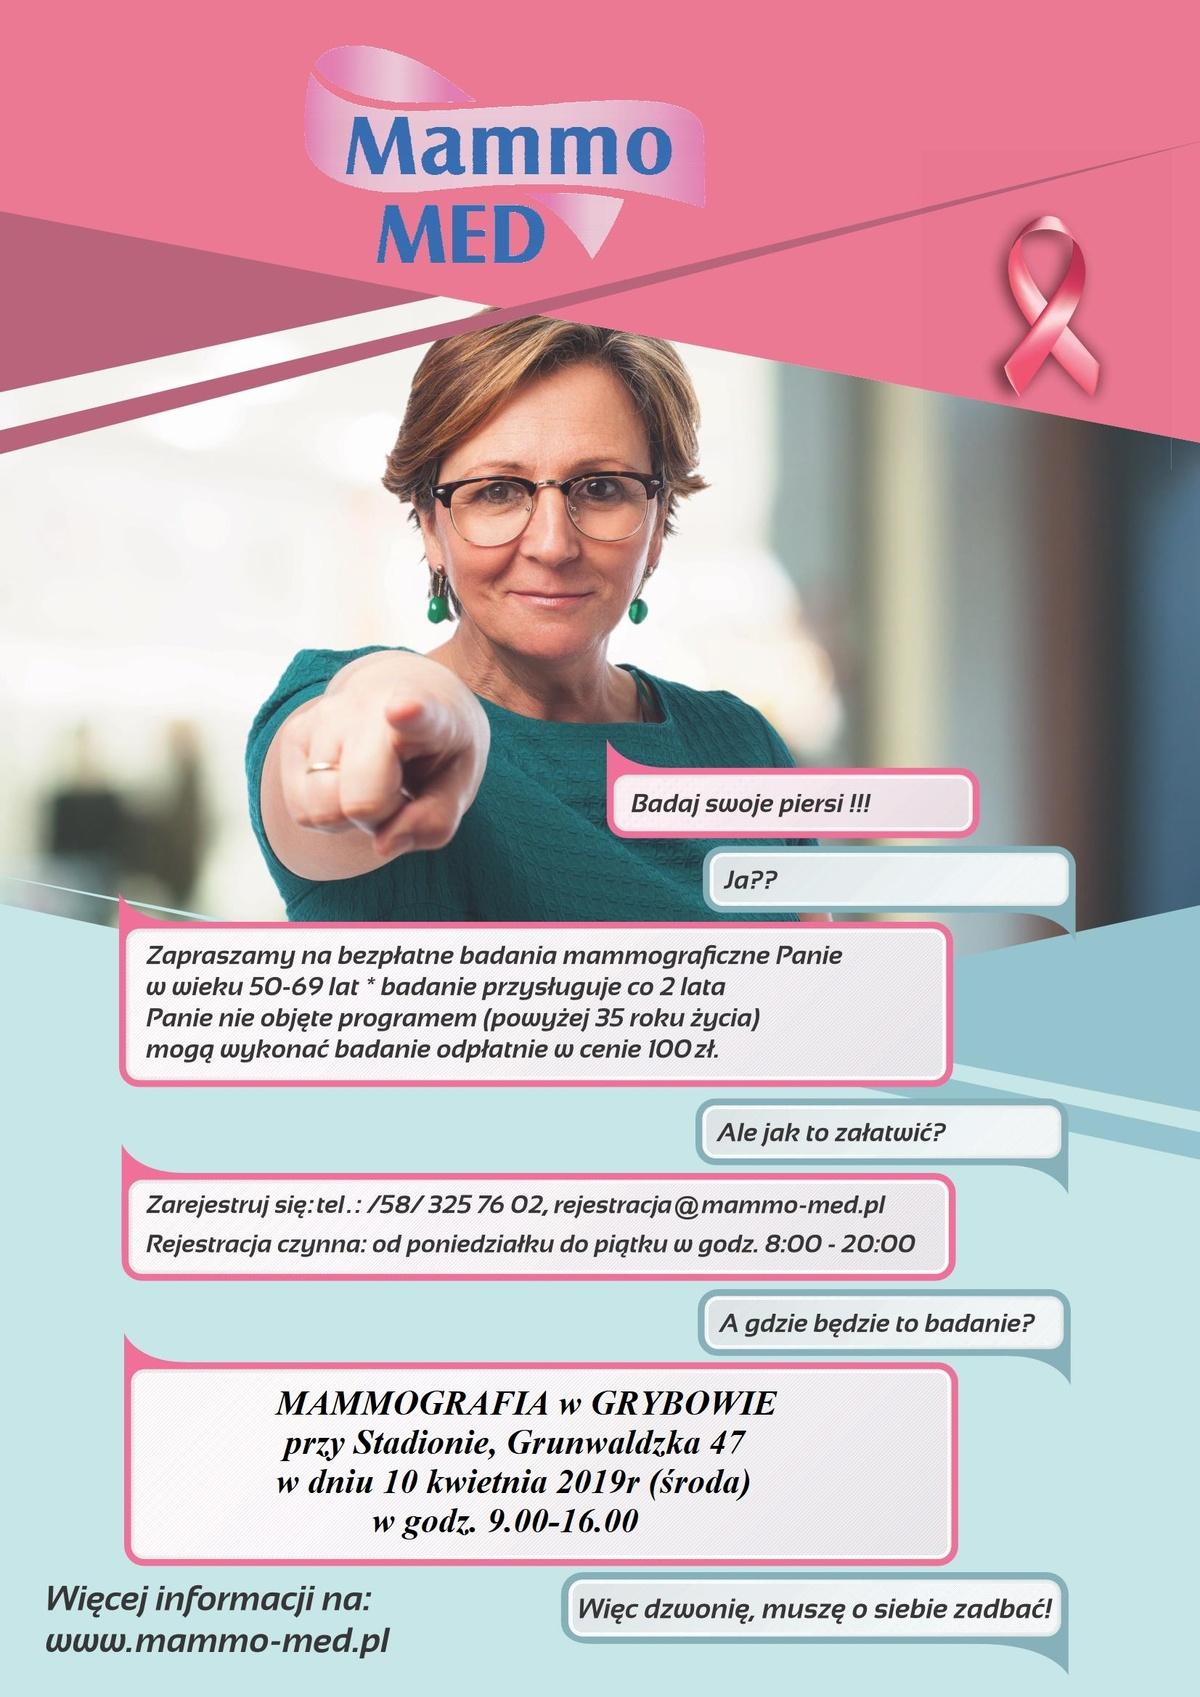 Badaj swoje piersi! Mammografia w Grybowie